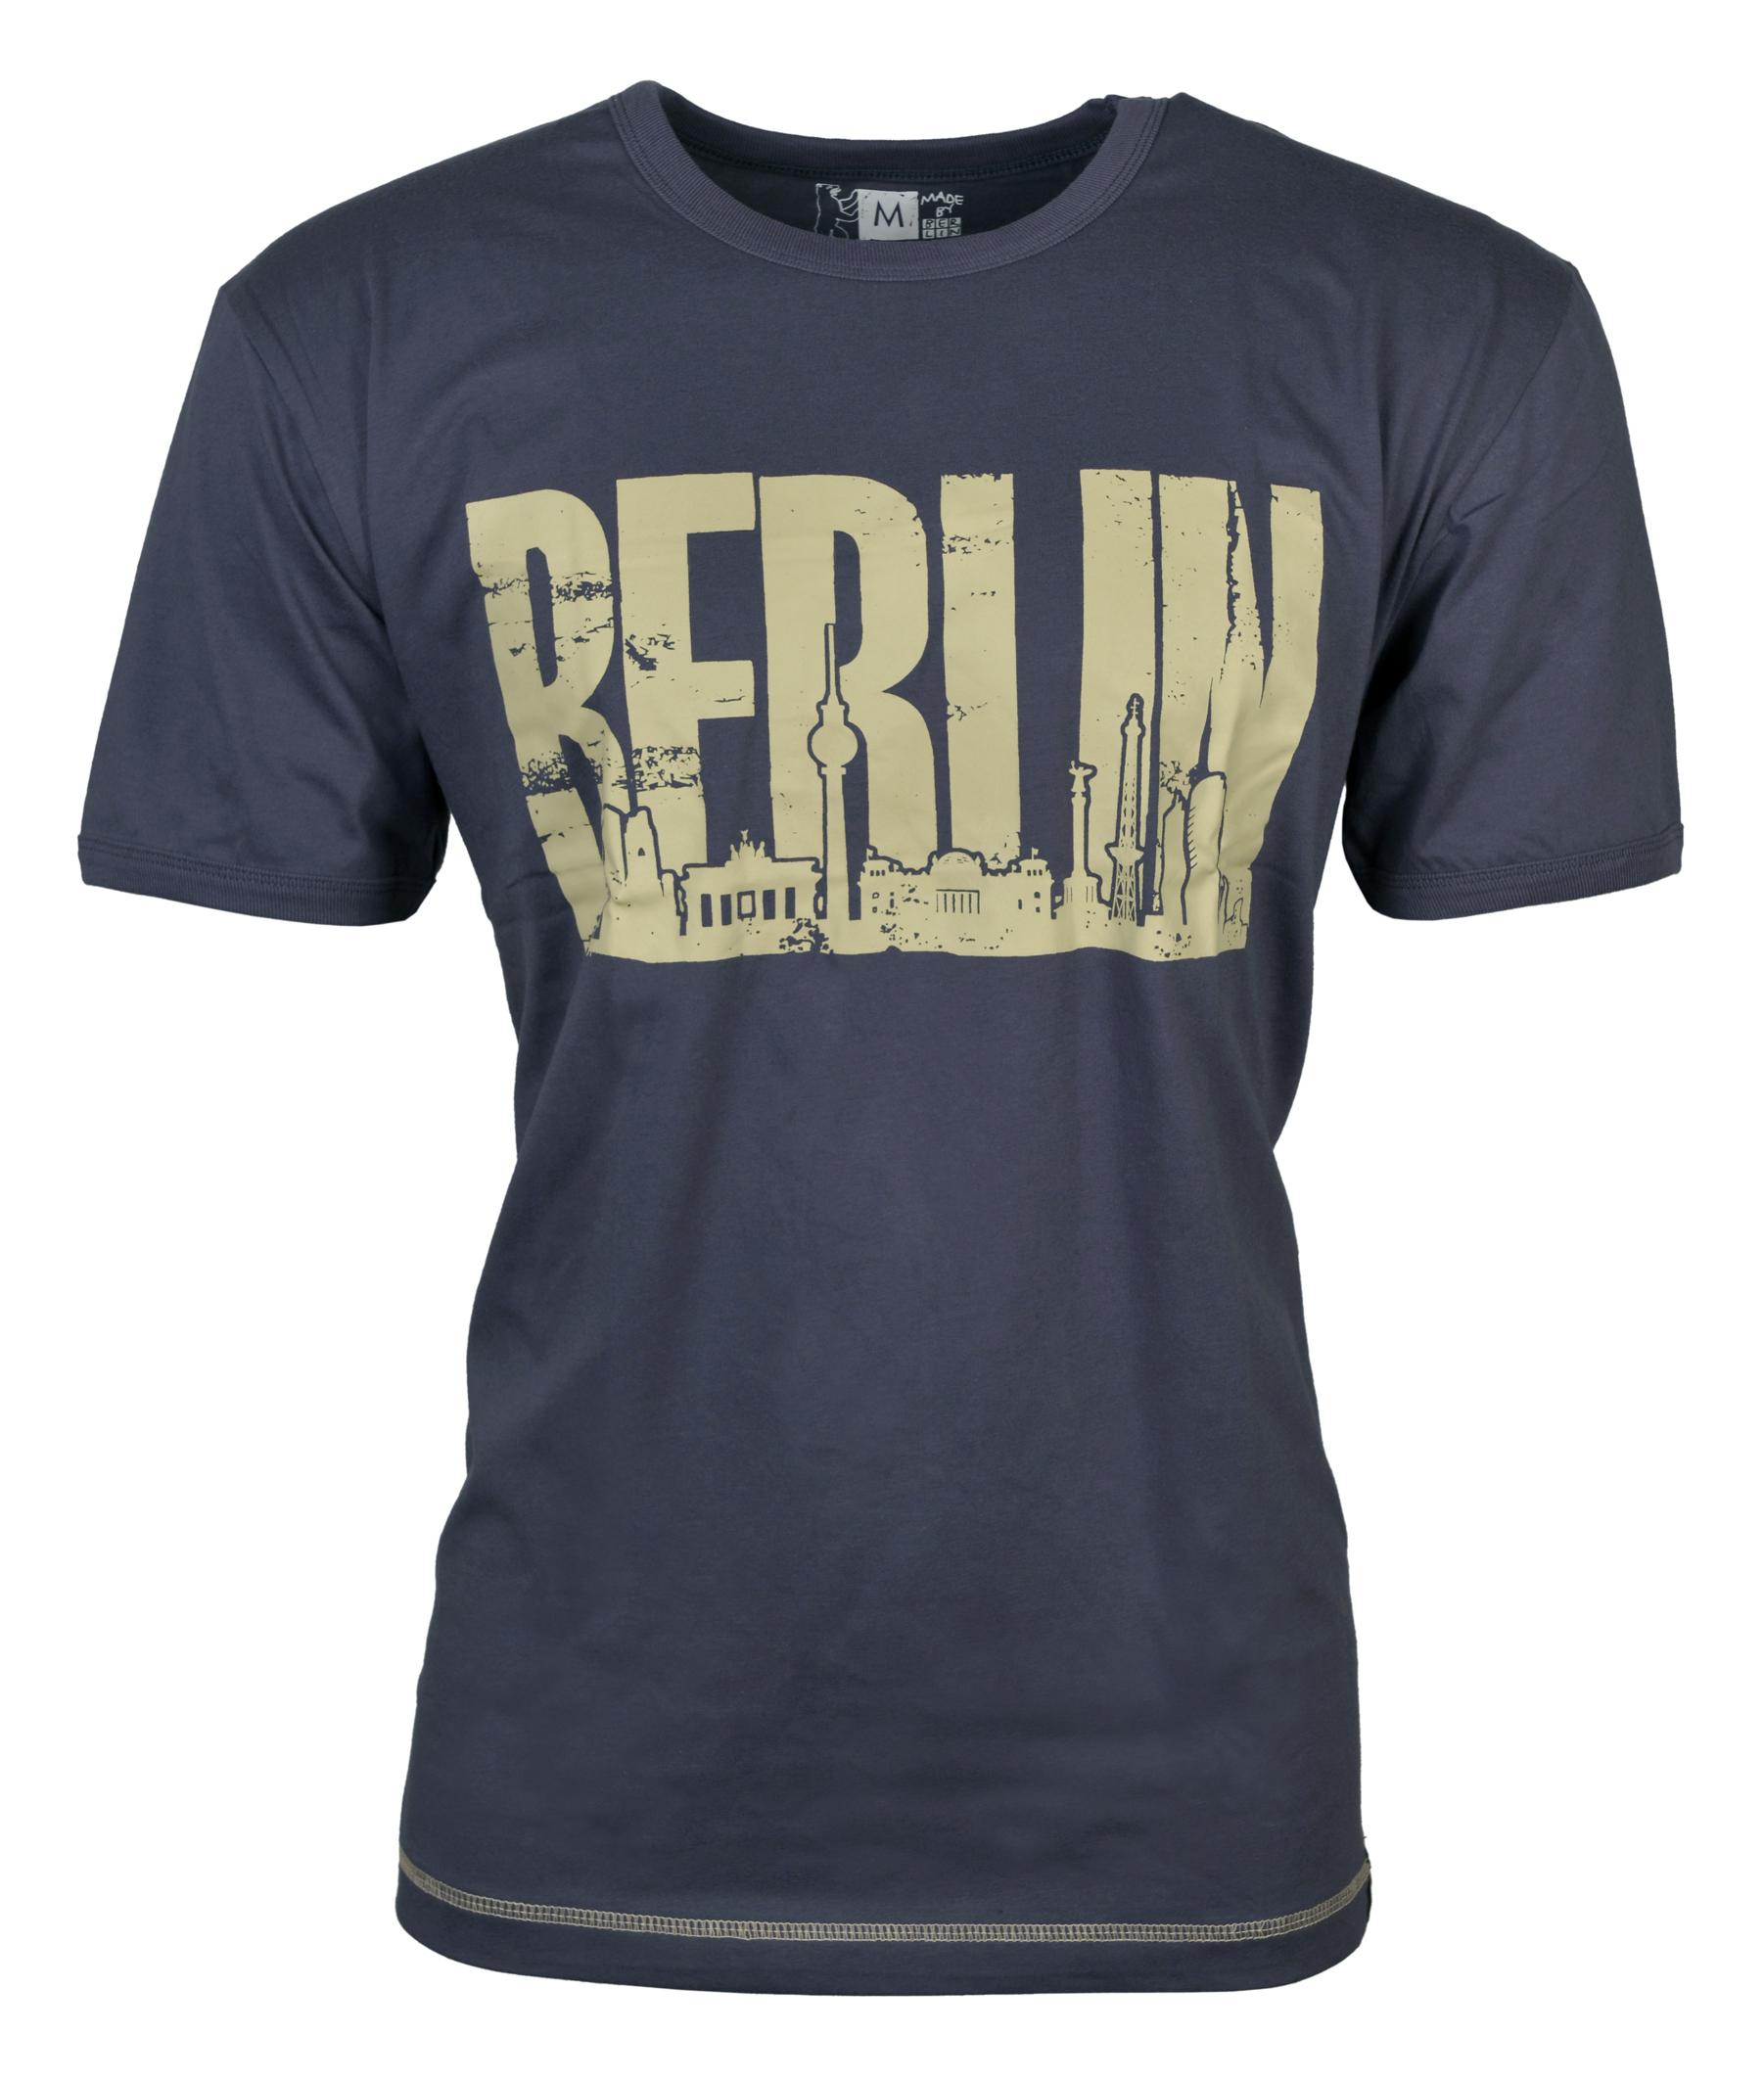 010-0141_TS_BERLIN_skyline_blau-beige